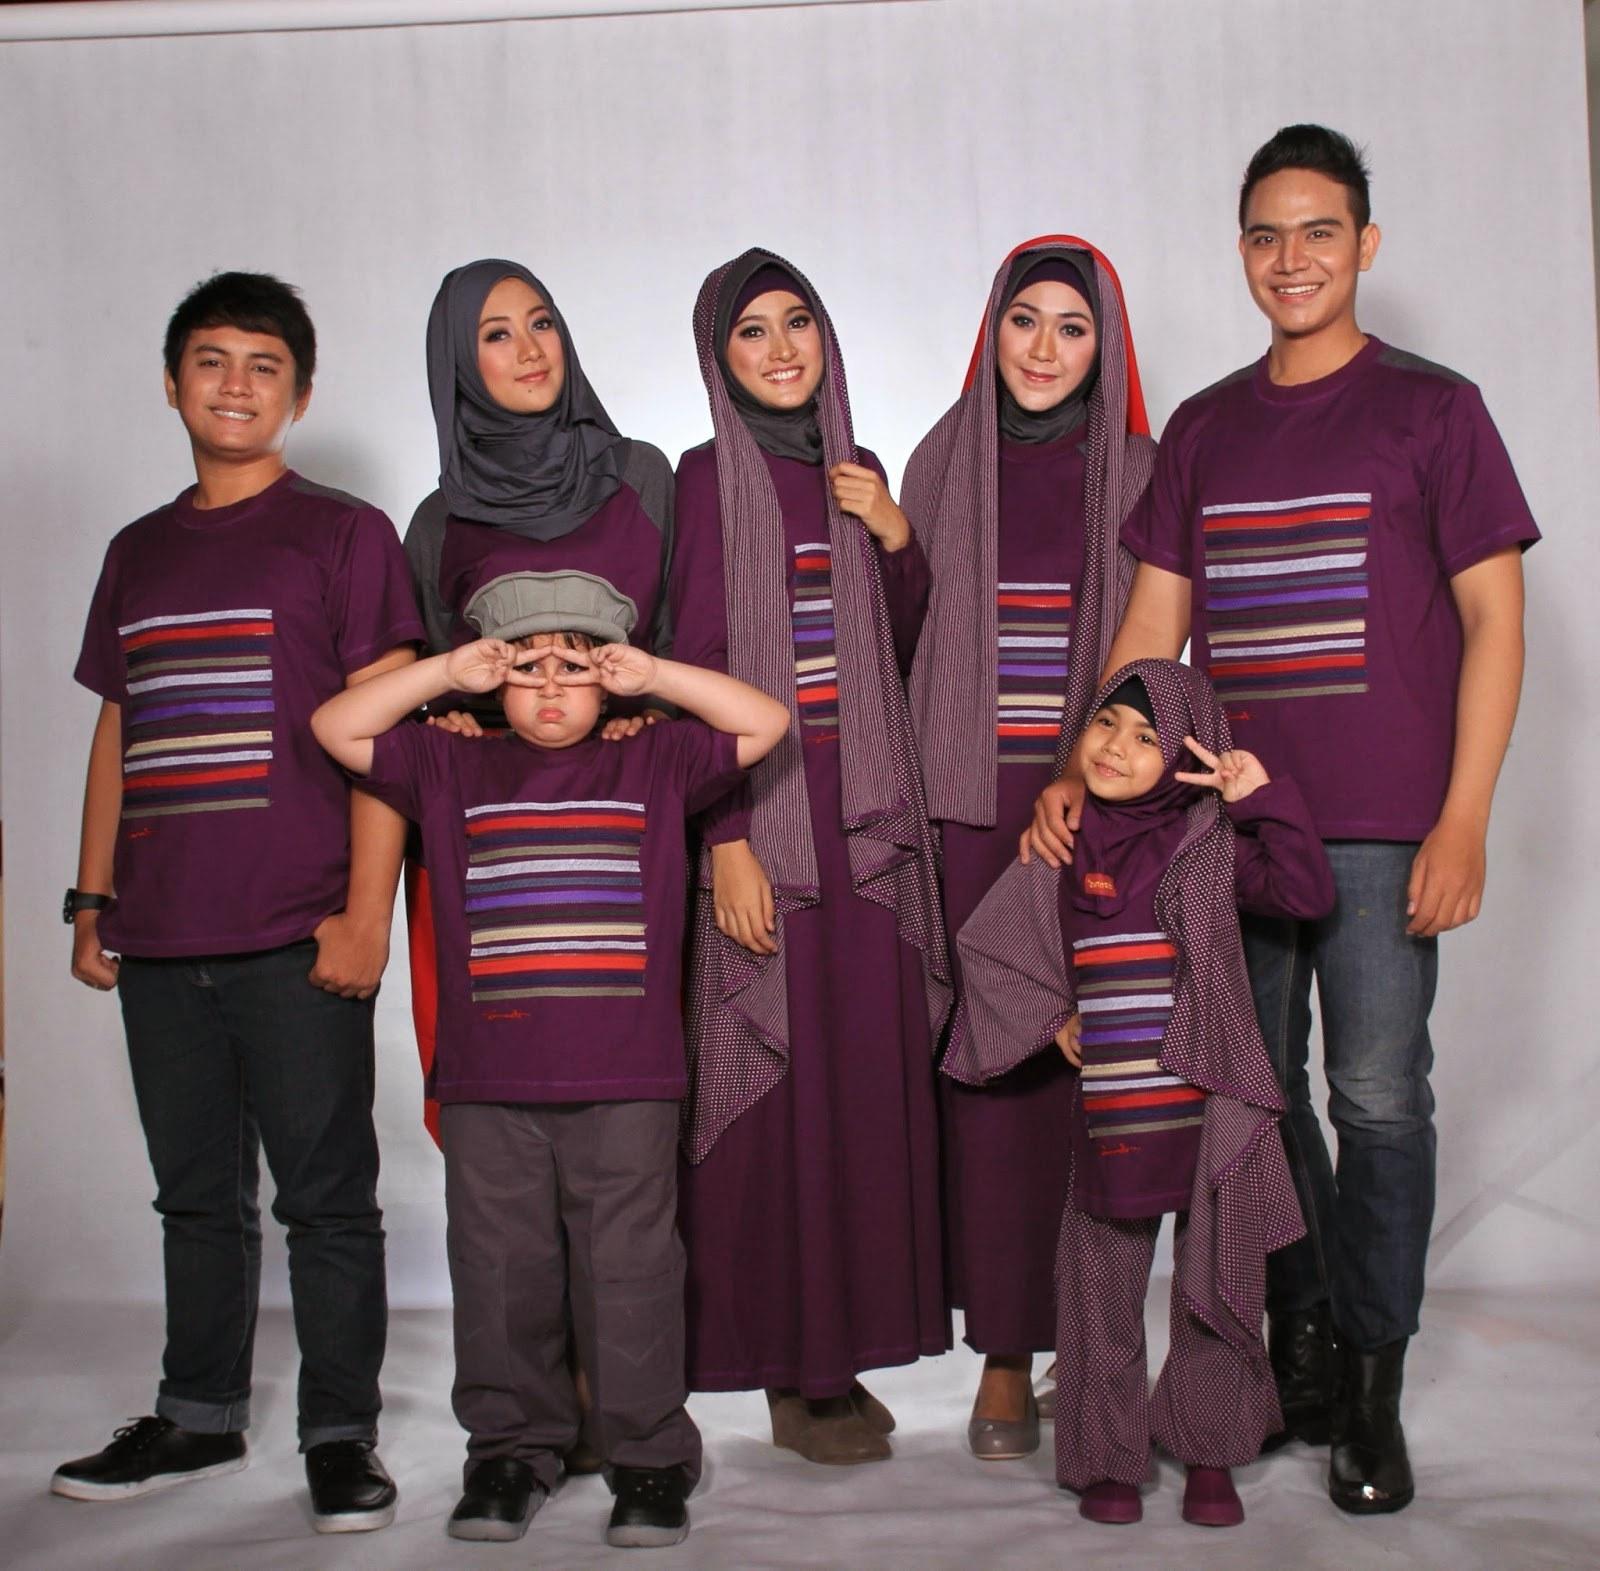 Inspirasi Gambar Baju Lebaran Anak Jxdu Model Baju Keluarga Untuk Hari Raya Lebaran 2018